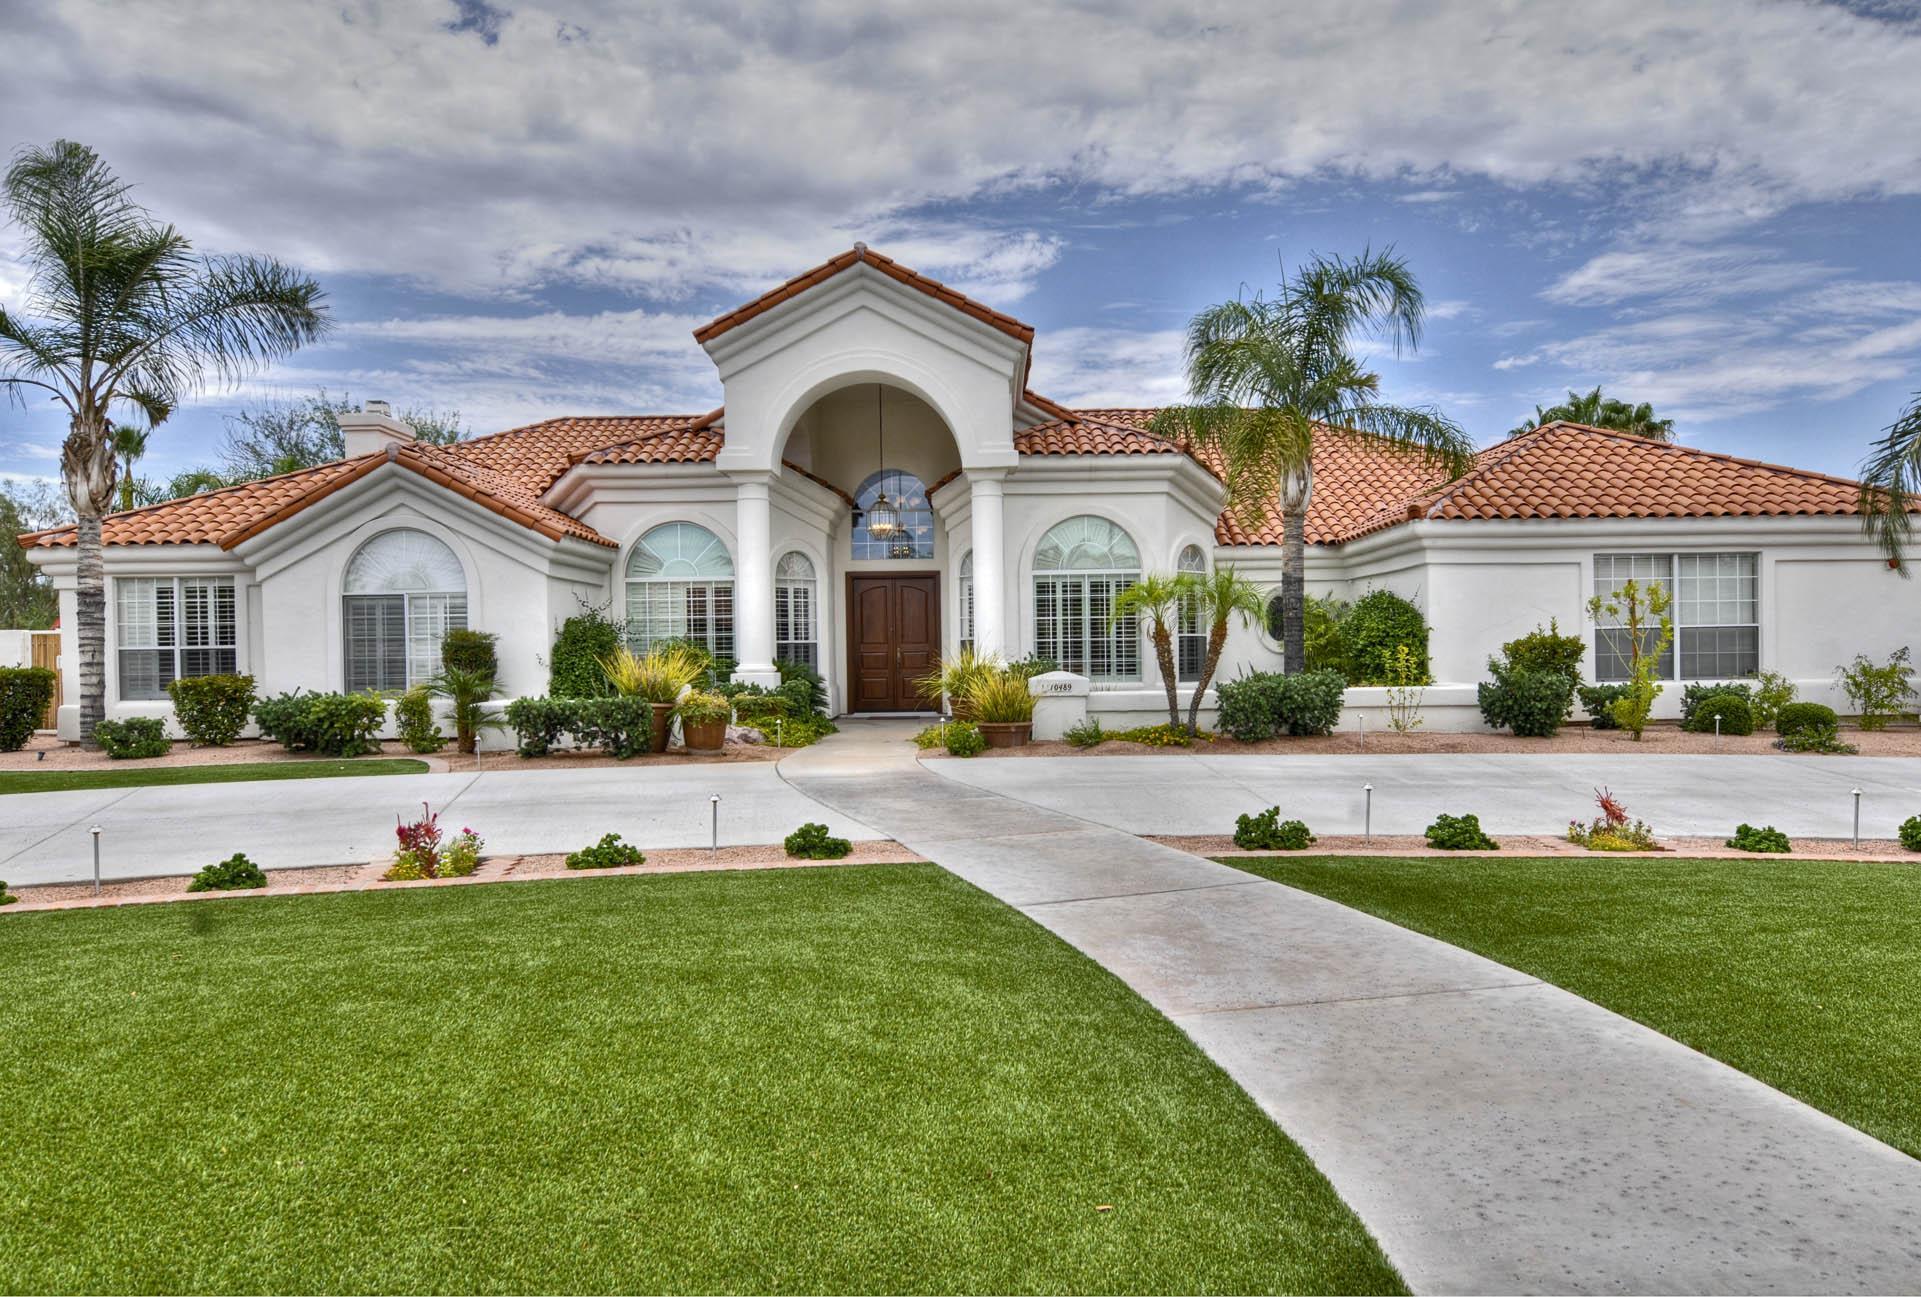 10489 N 106th Place, Scottsdale, AZ 85258